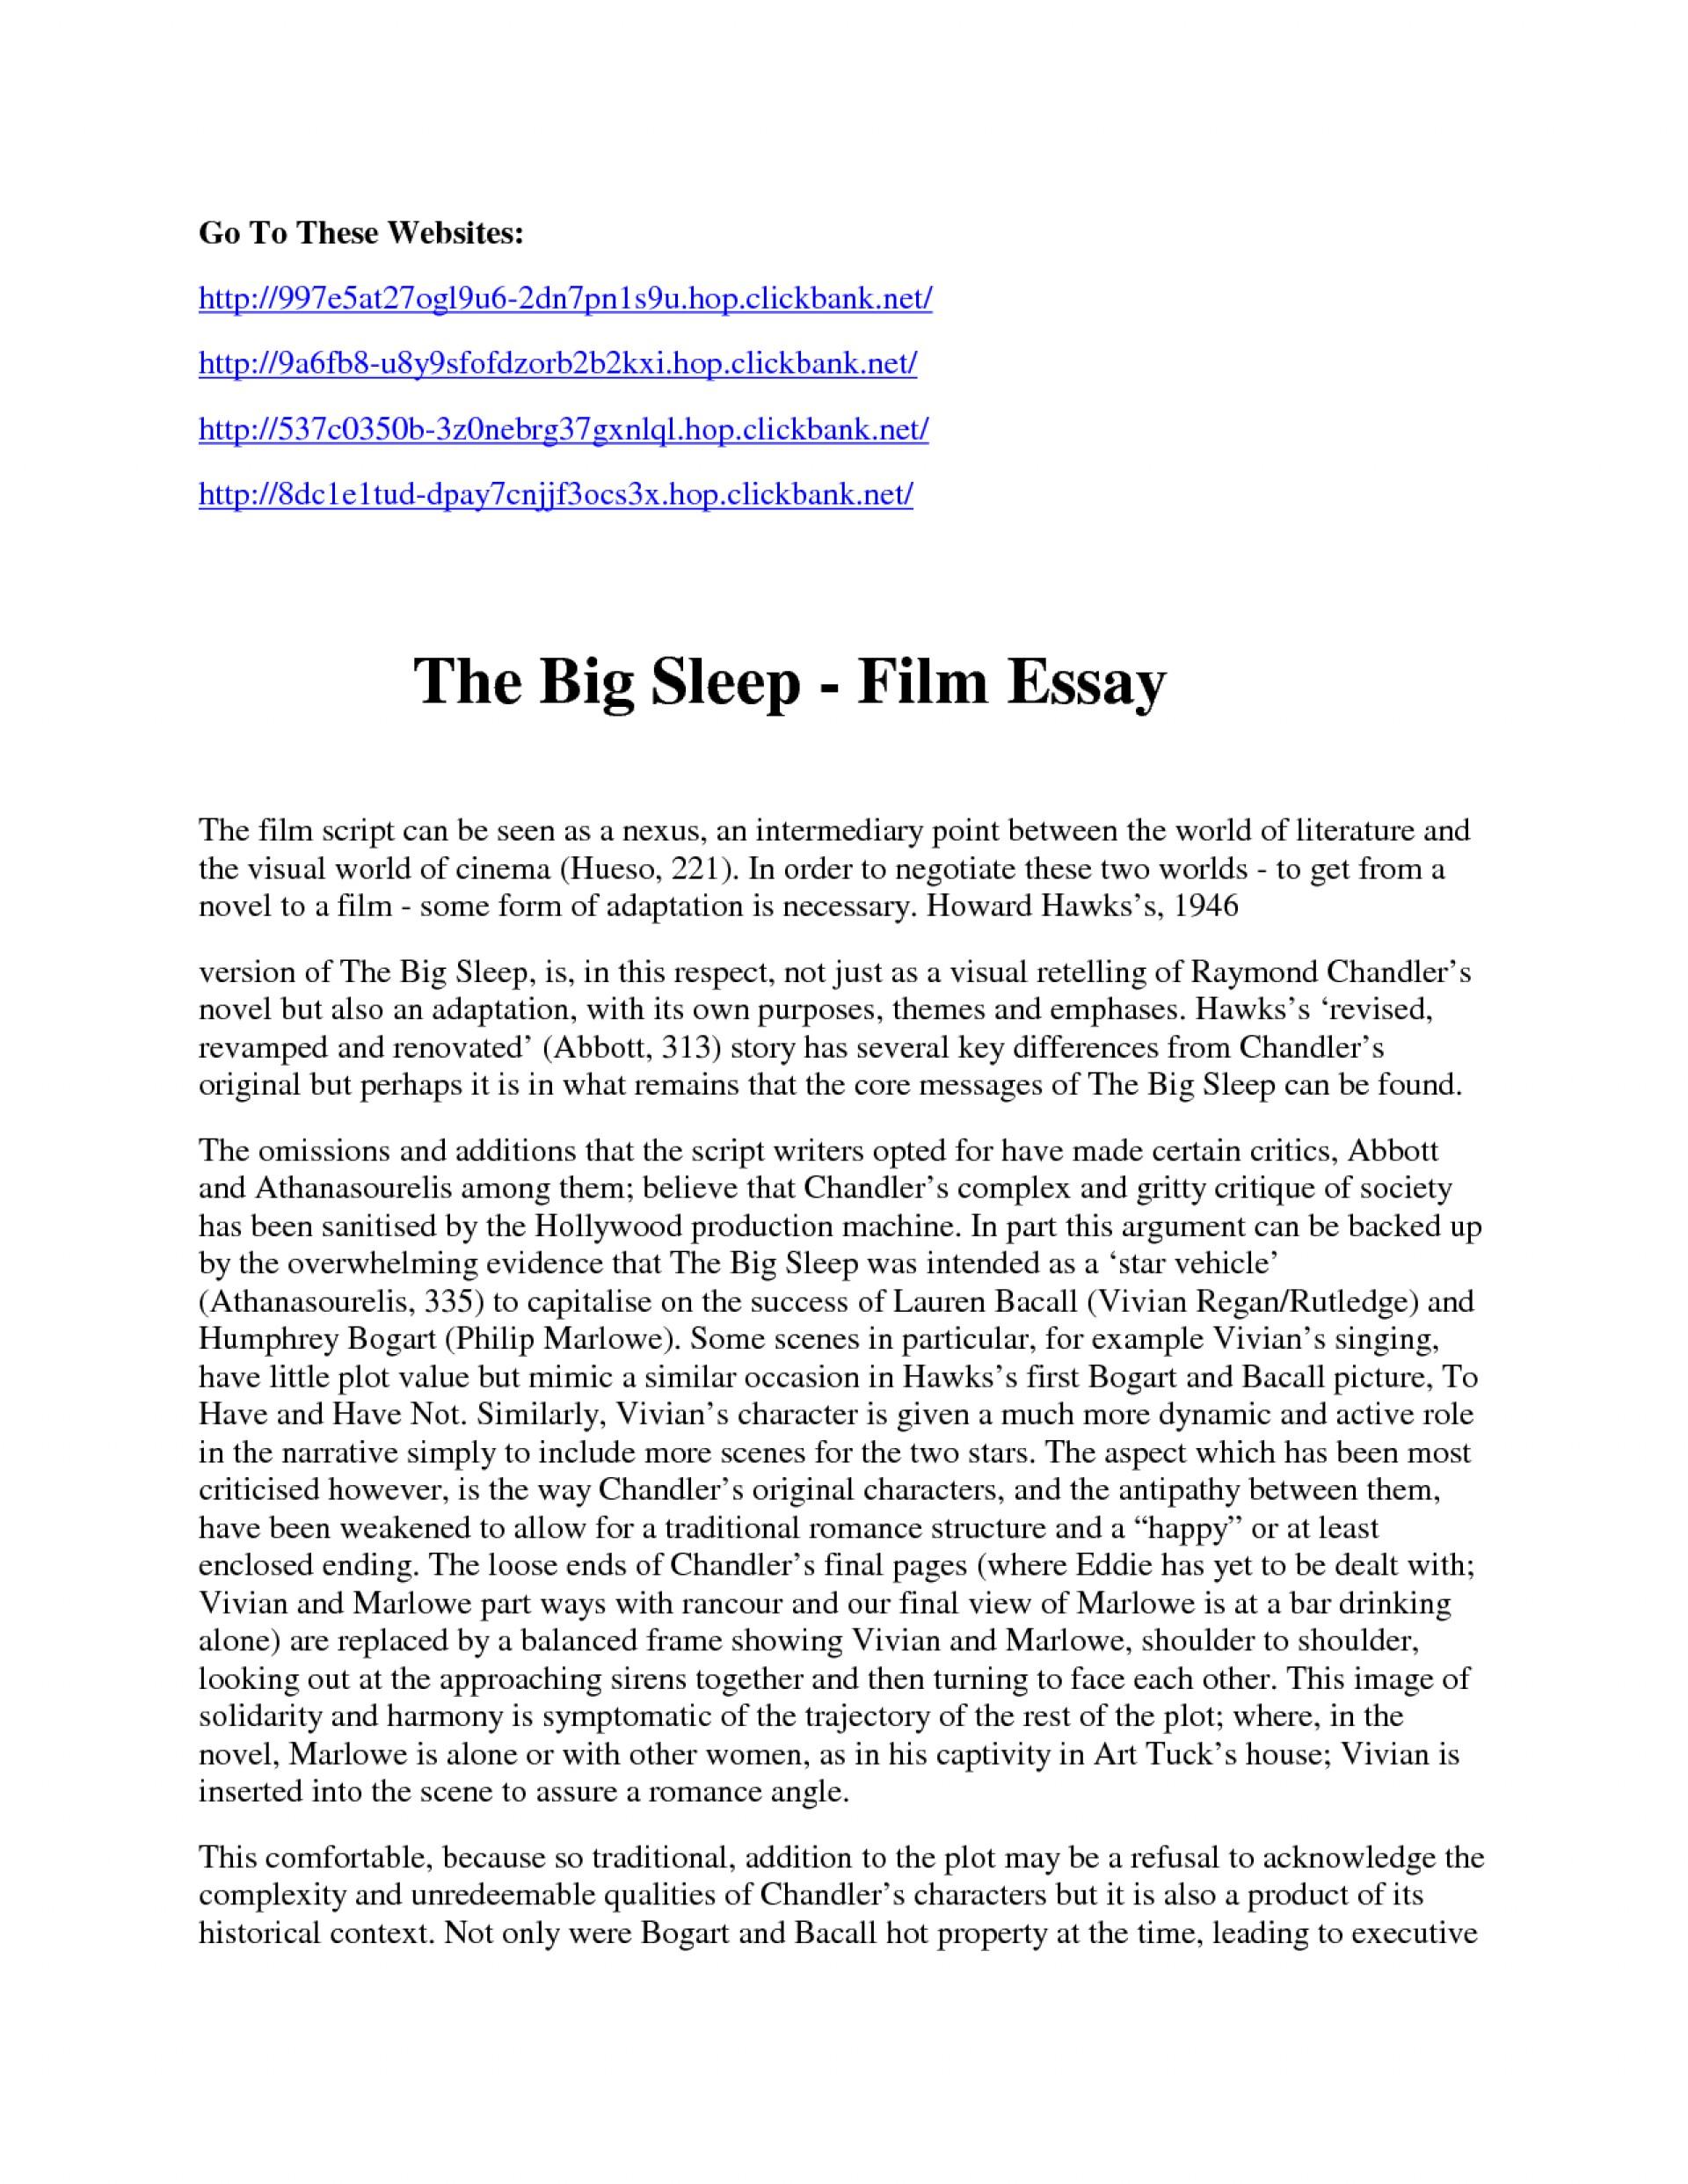 film evaluation essay example